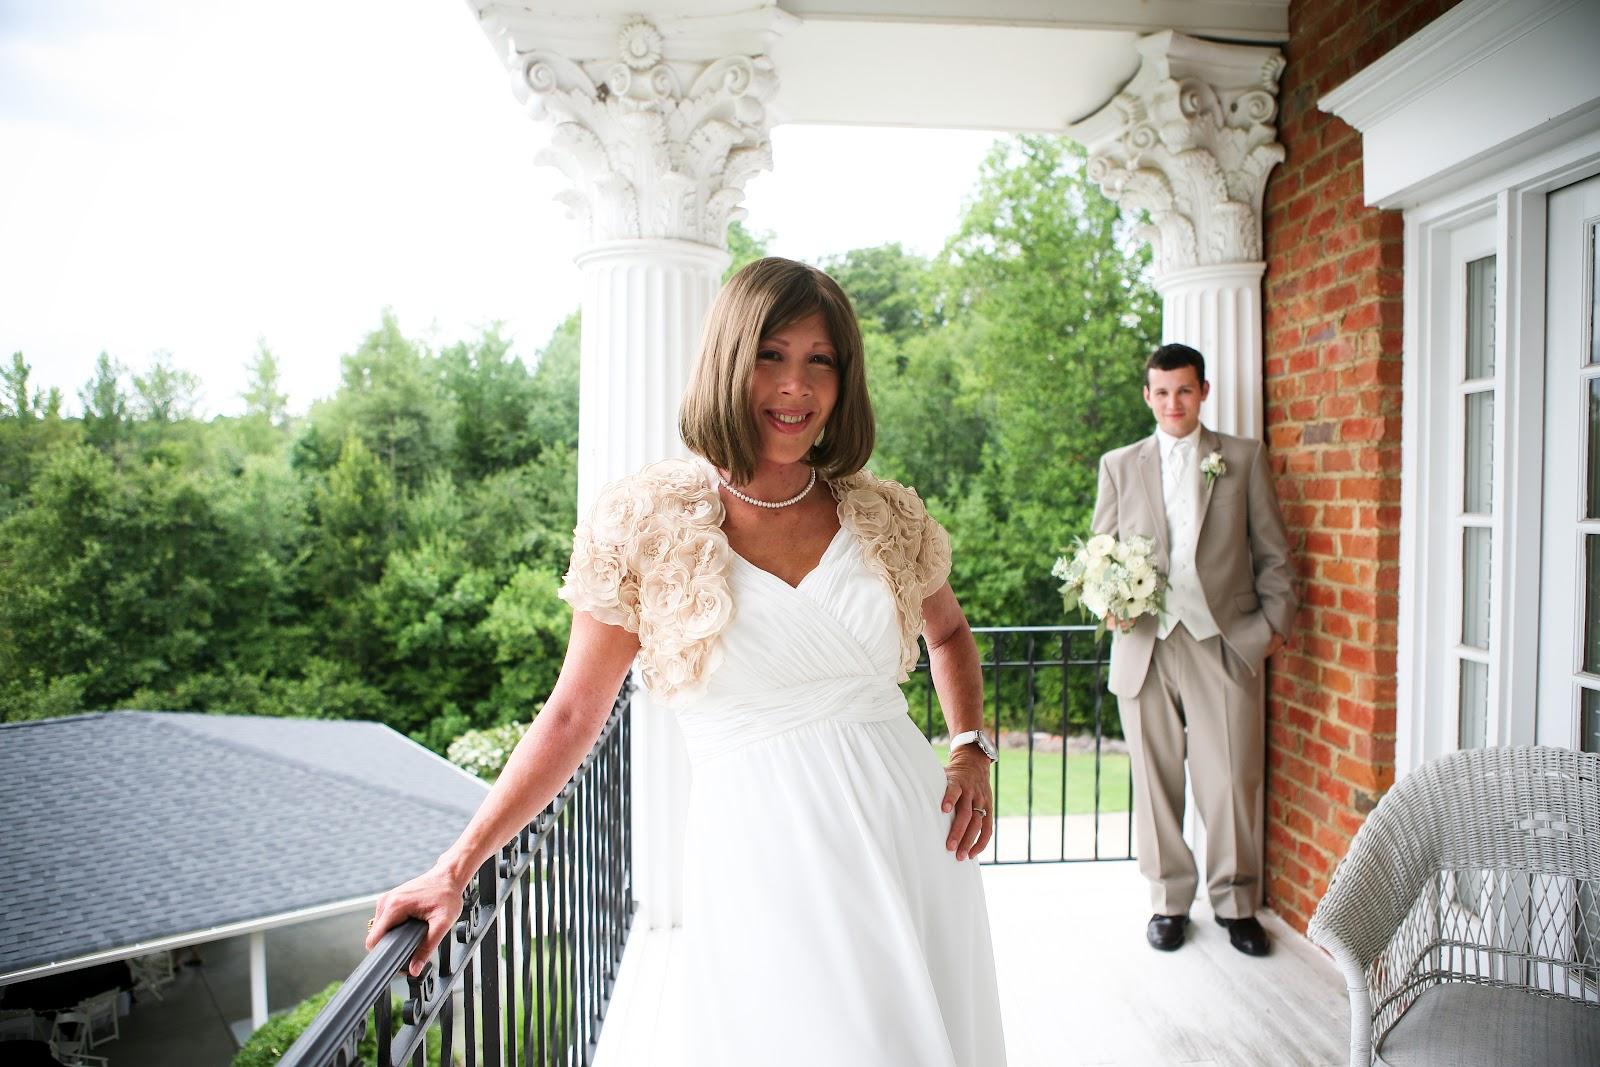 Tye Dye Wedding Dresses 48 New i dyed my wedding